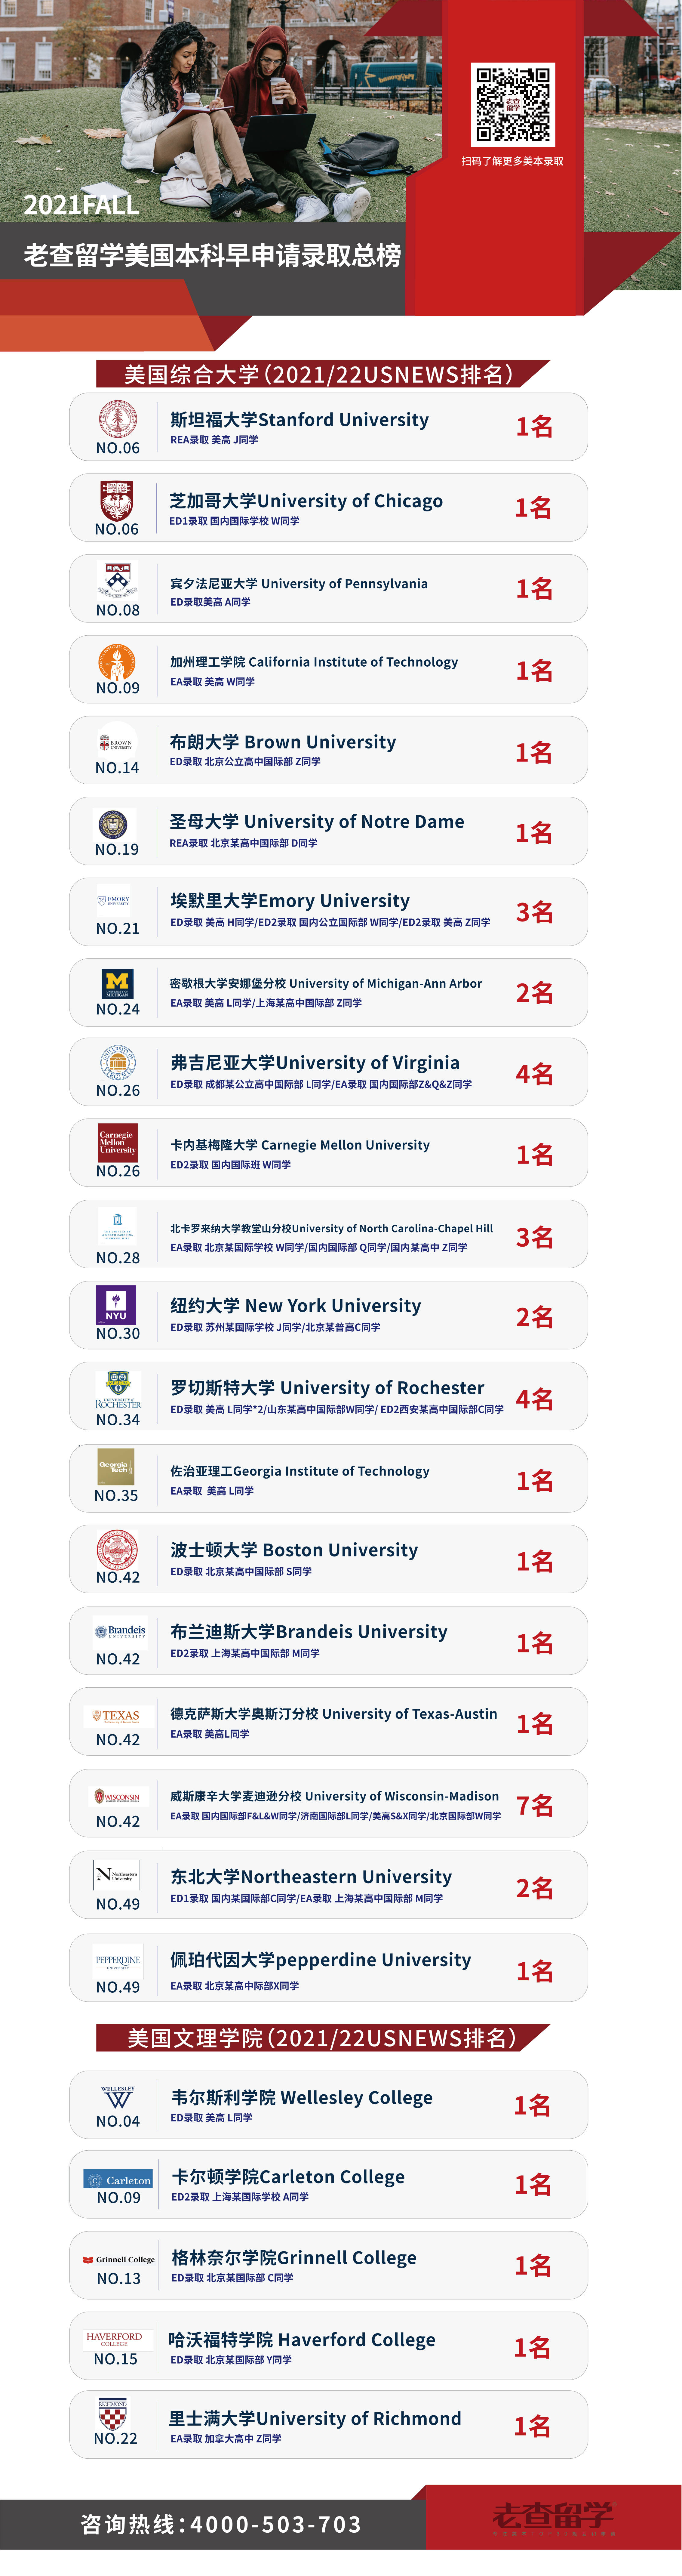 老查留学收获罗切斯特、UIUC、伍斯特理工、雪城大学录取